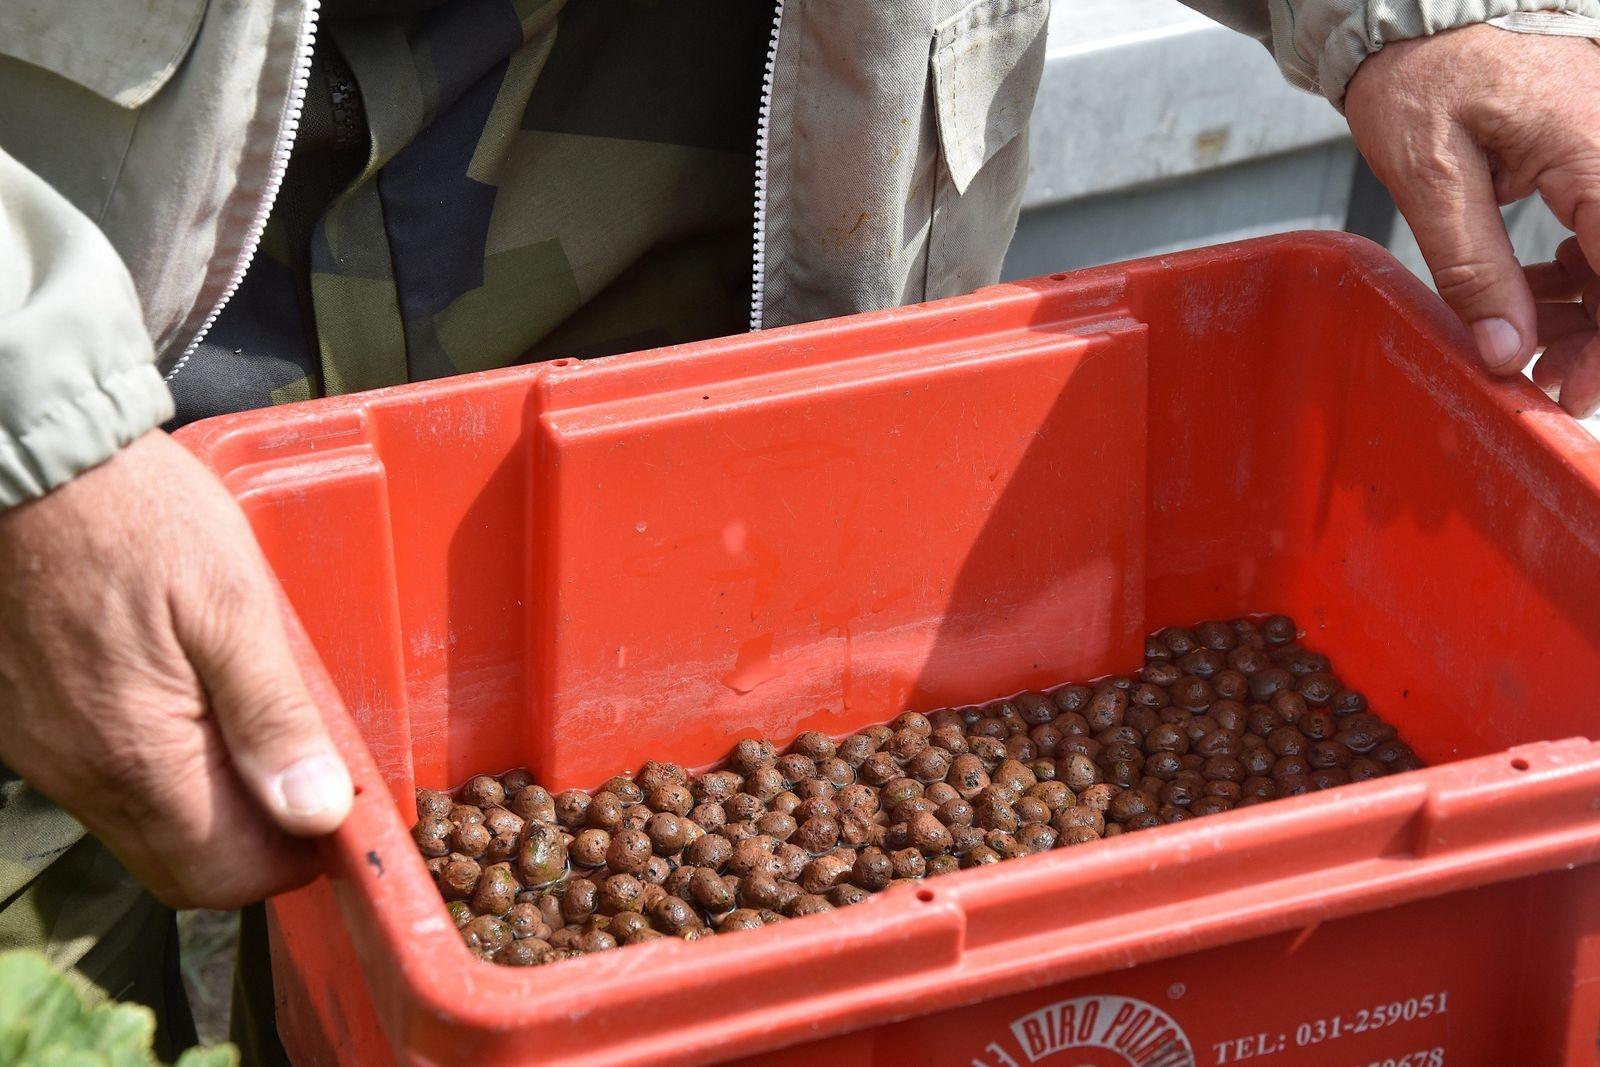 Bina sätter sig på lecakulorna i vattnet i den röda plastlådan och kan därmed dricka. Under den varma sommaren gick det åt en låda om dagen, det vill säga omkring tio liter varje dag.